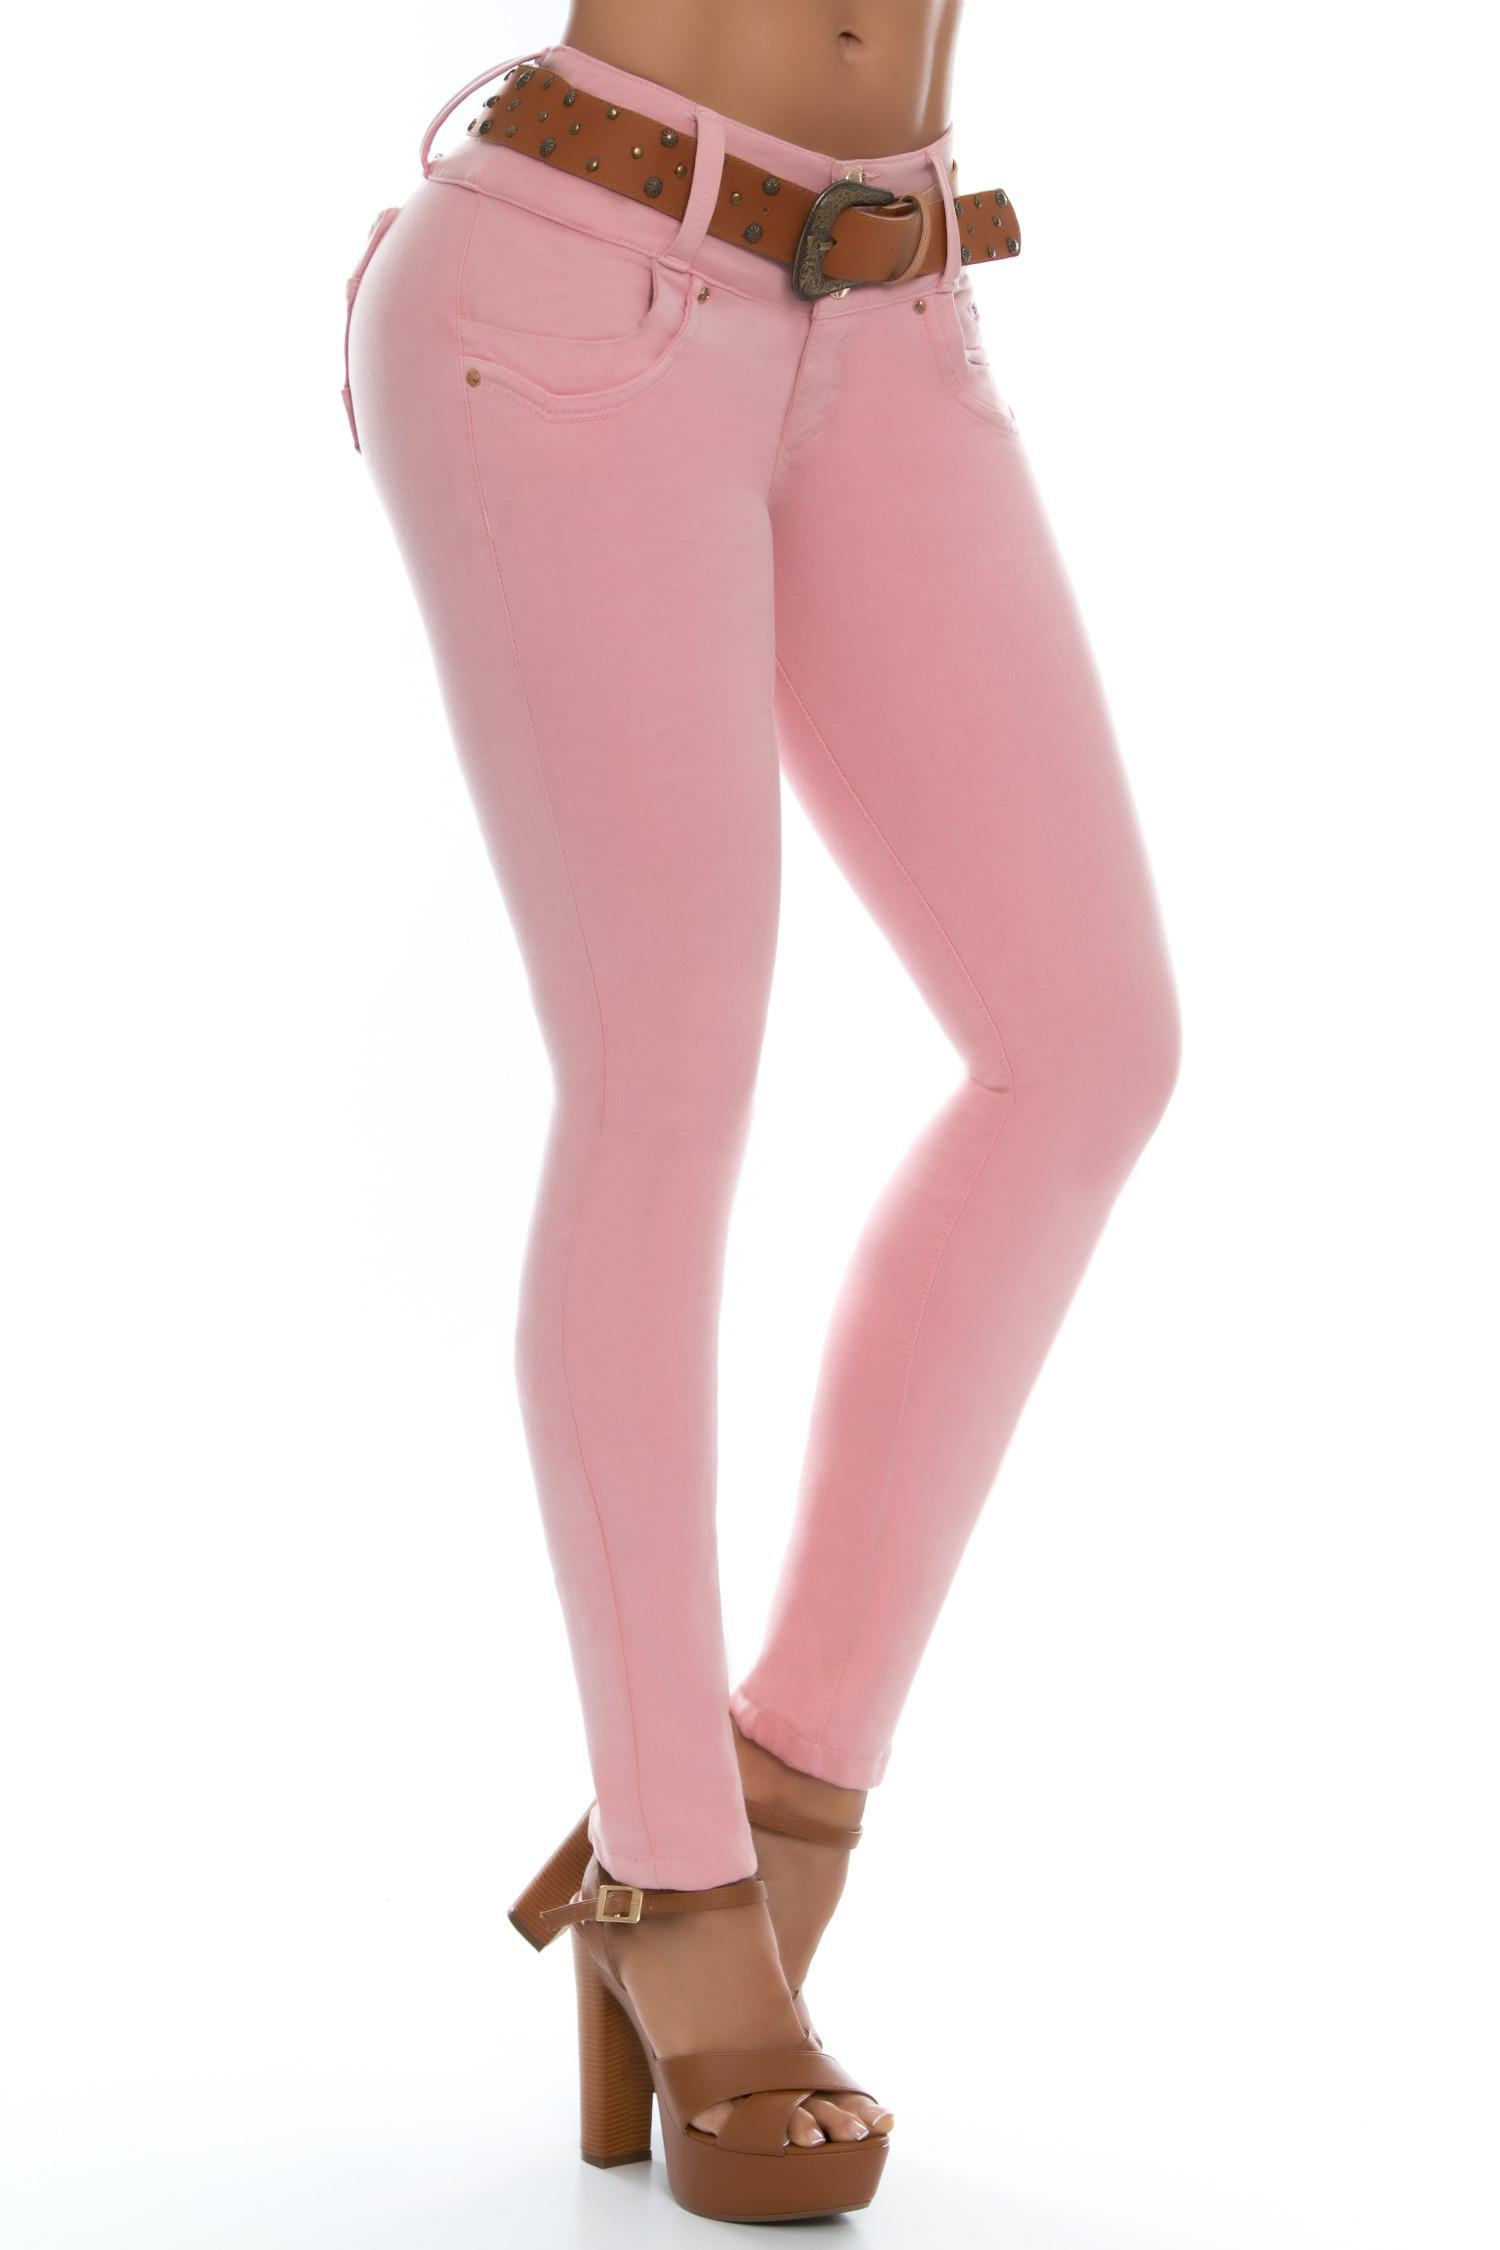 Jean de moda levantacola